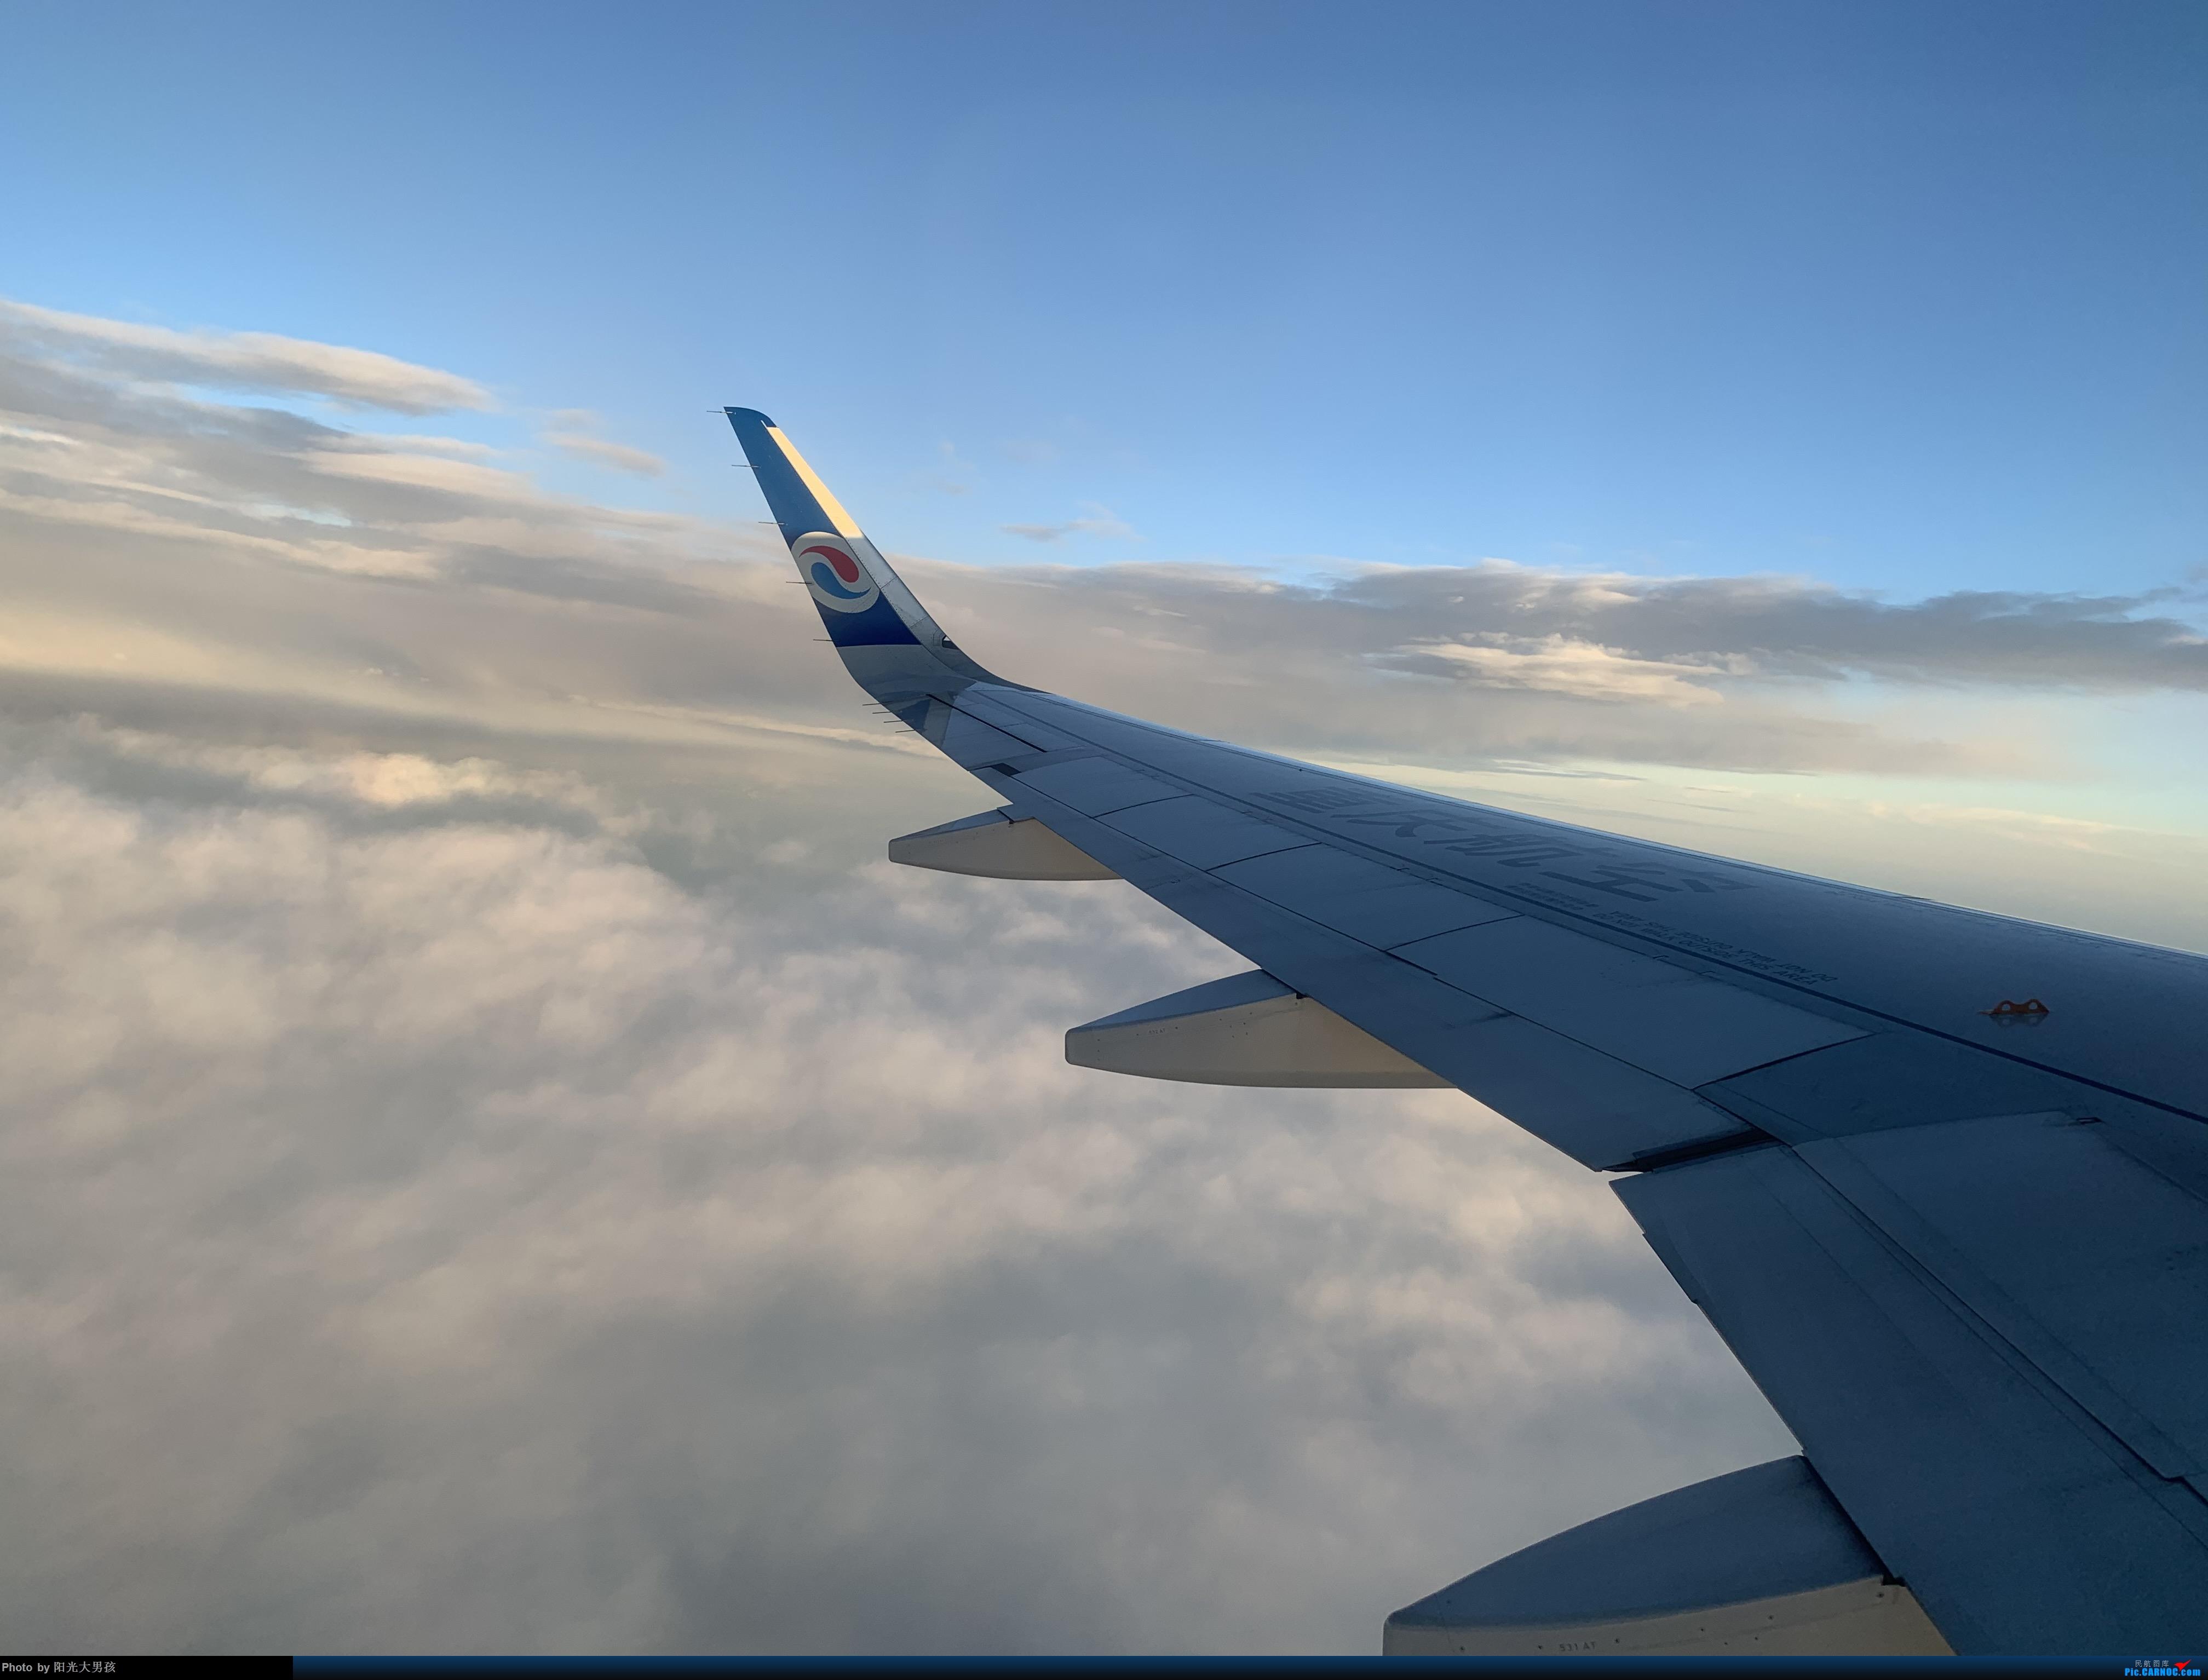 Re:[原创]追忆之旅,重回重庆(3),由于之前网络原因不好意思没有发上请大家见谅 AIRBUS A320NEO B-307S 机上(57A)  飞友